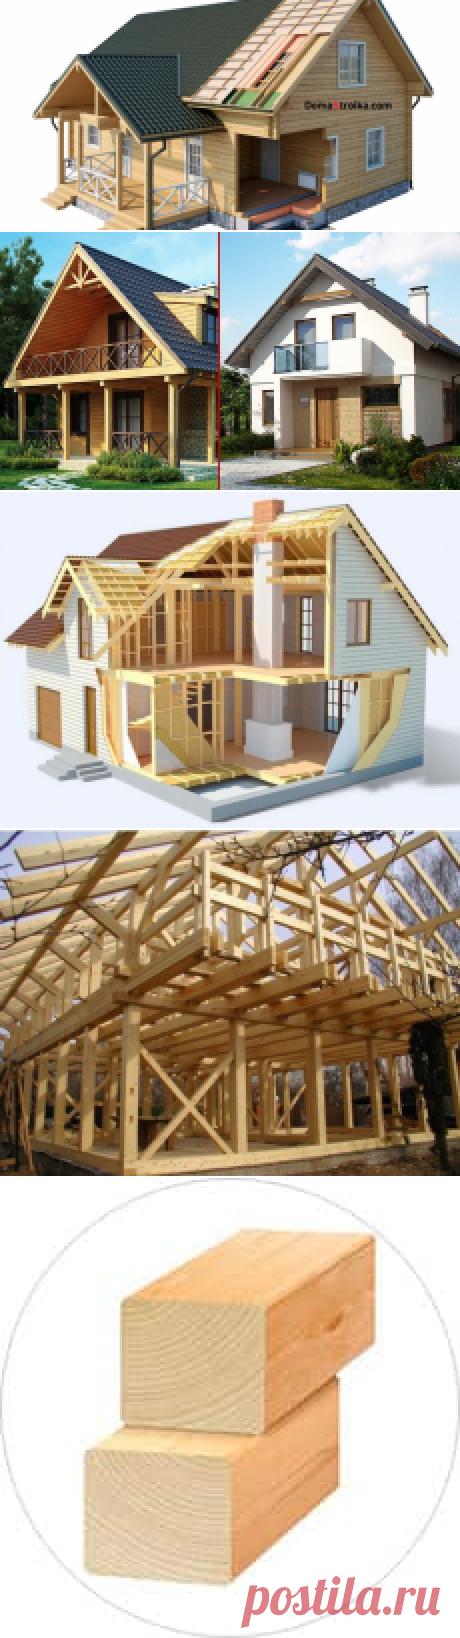 Что лучше — каркасный дом или из бруса? ⋆ DomaStroika.com